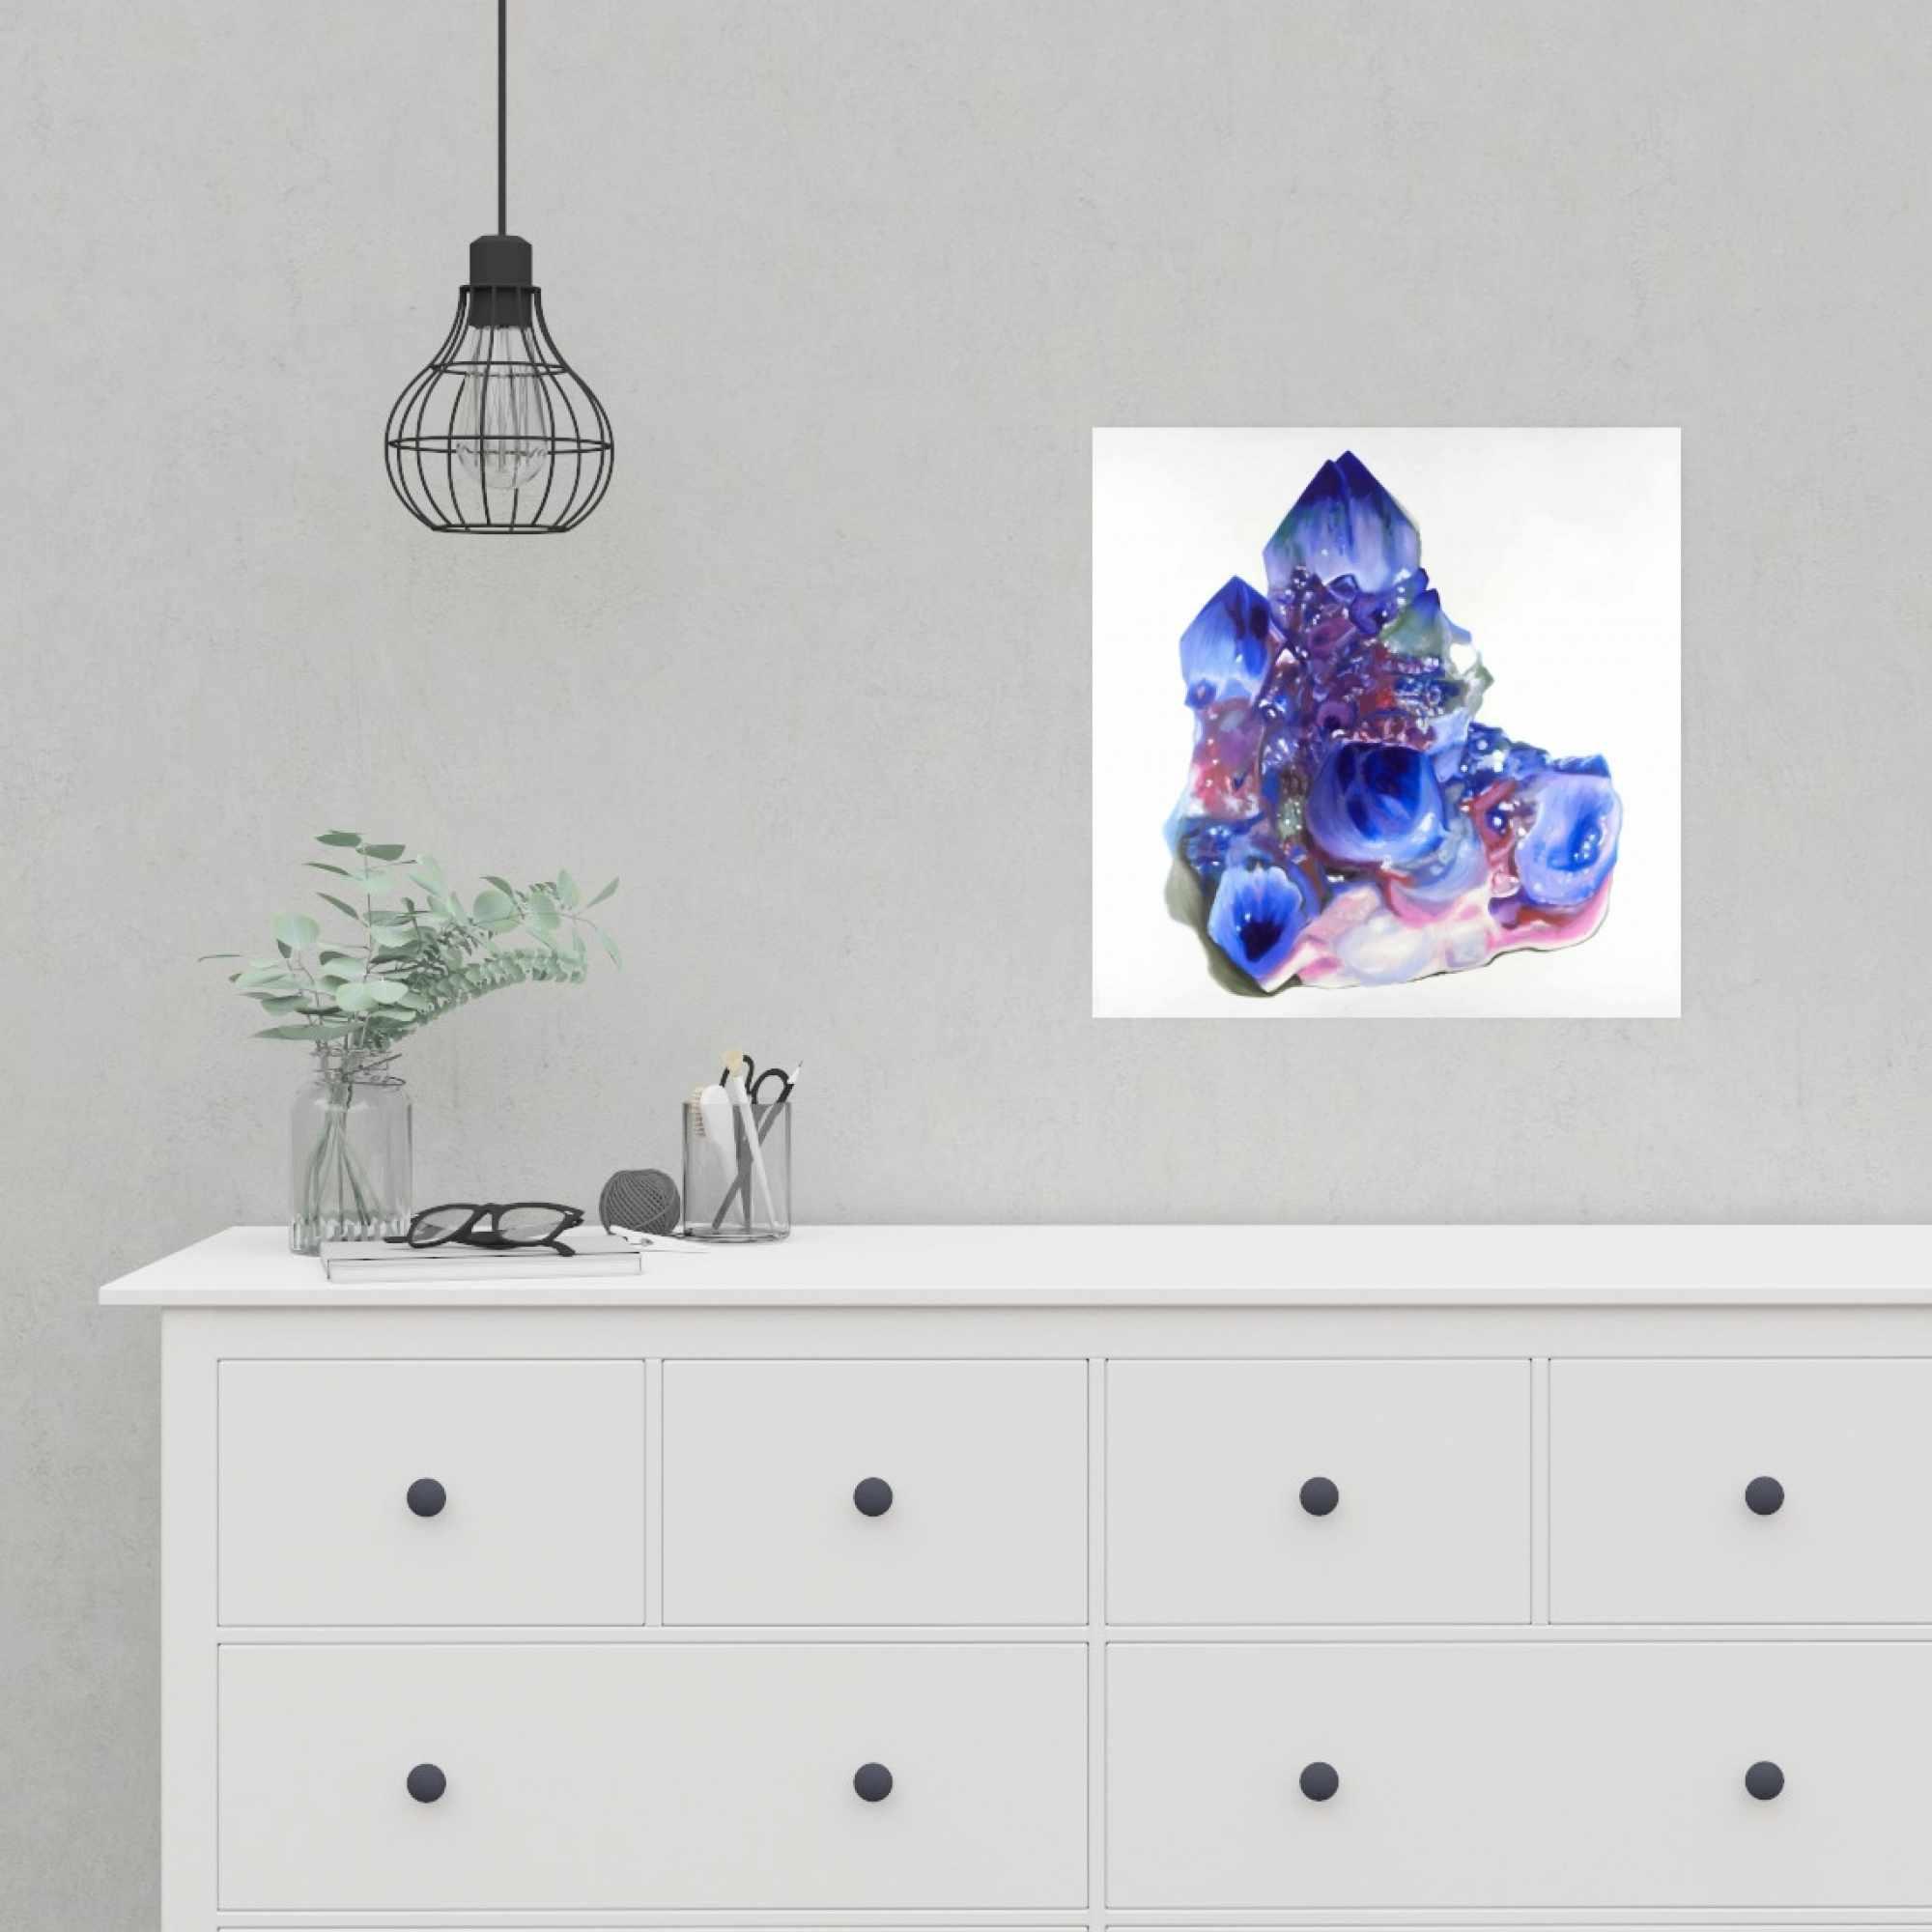 Poster 16 x 16 - Blue and purple quartz cristal